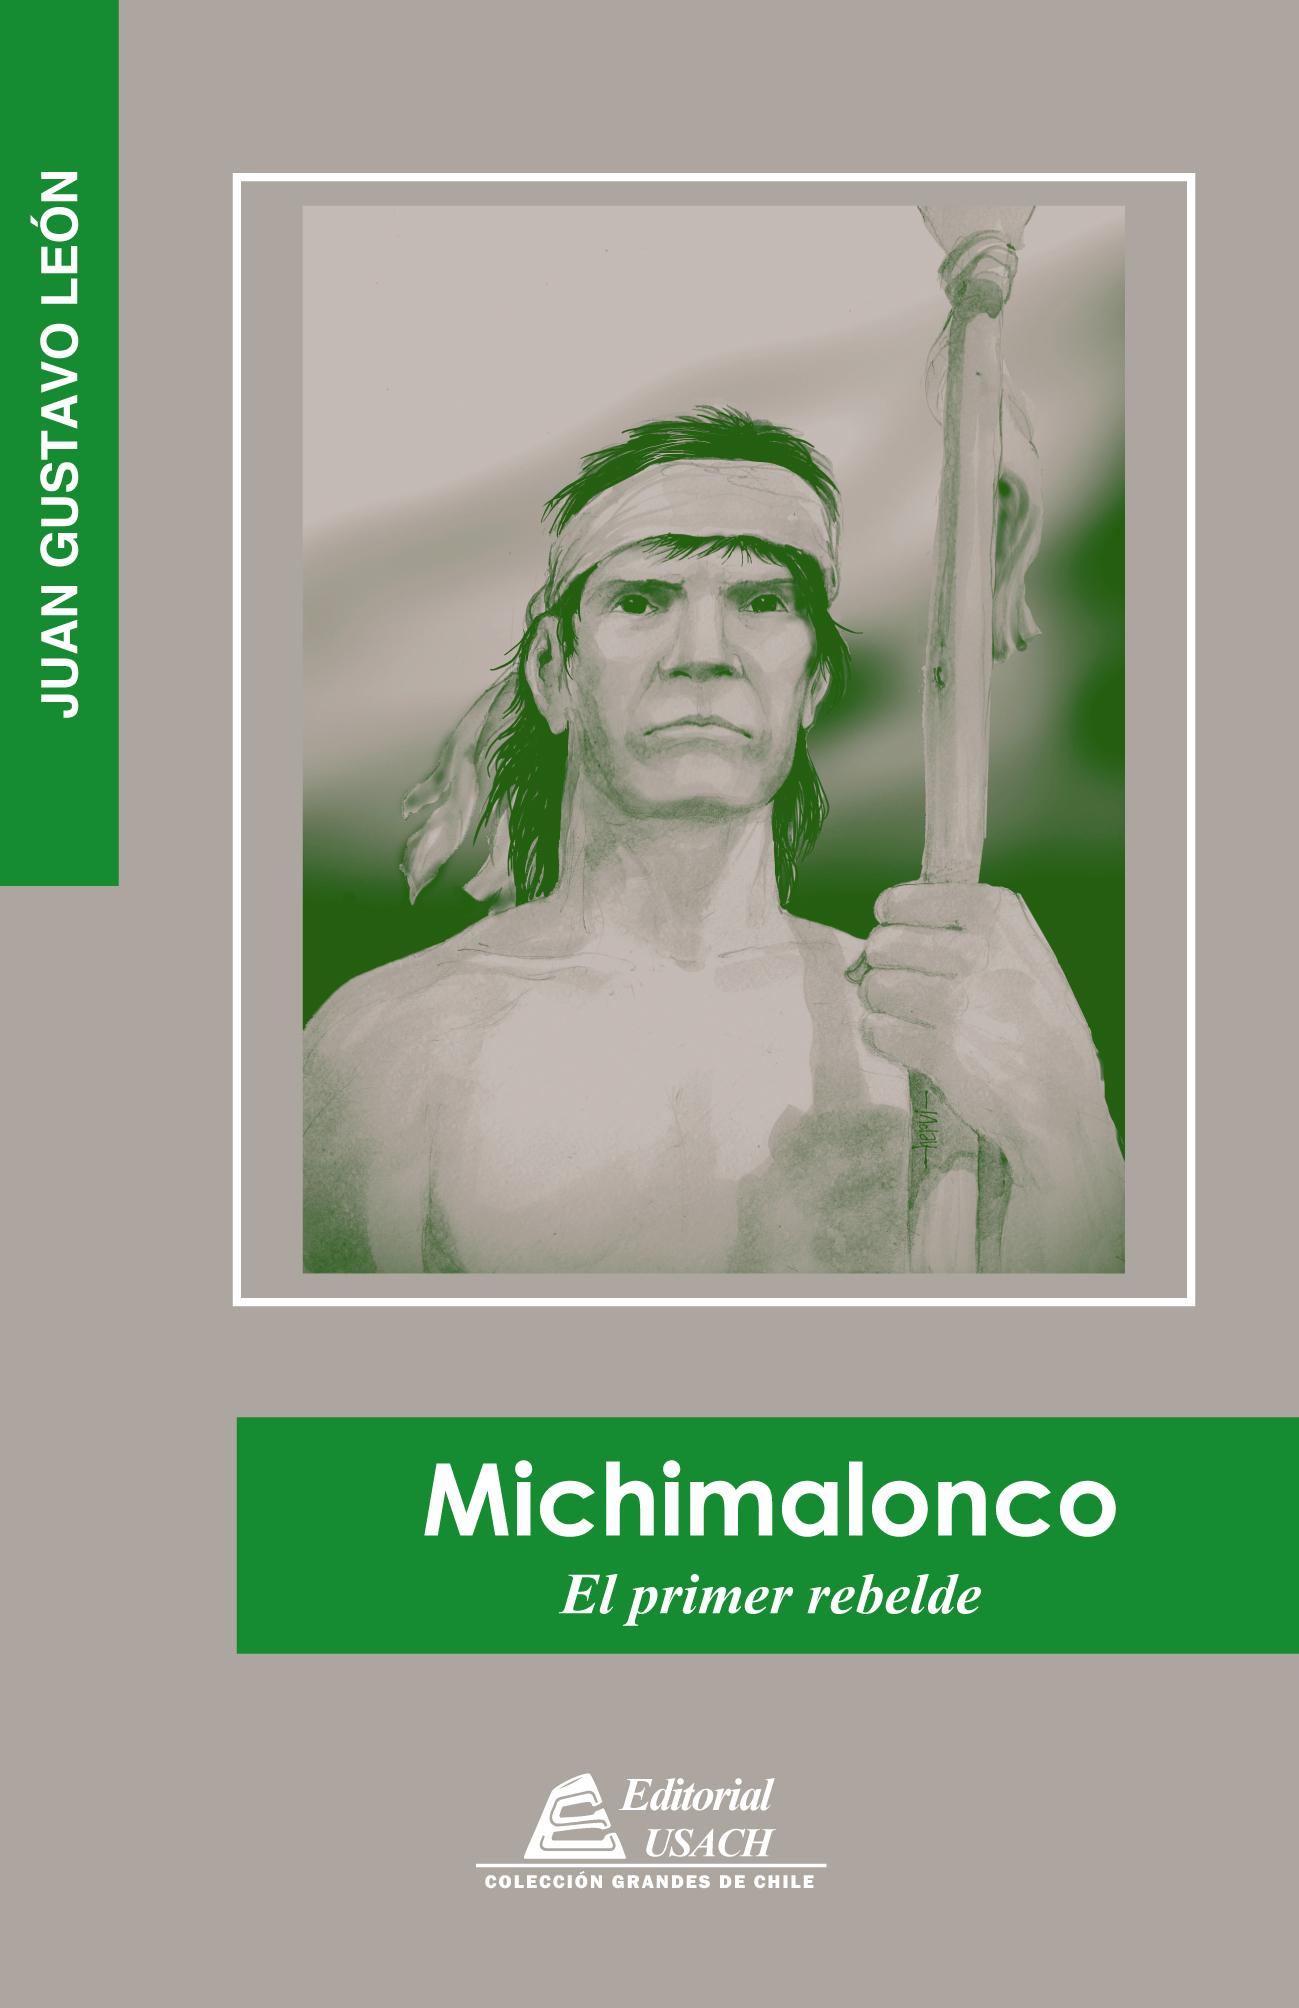 Michimalonco